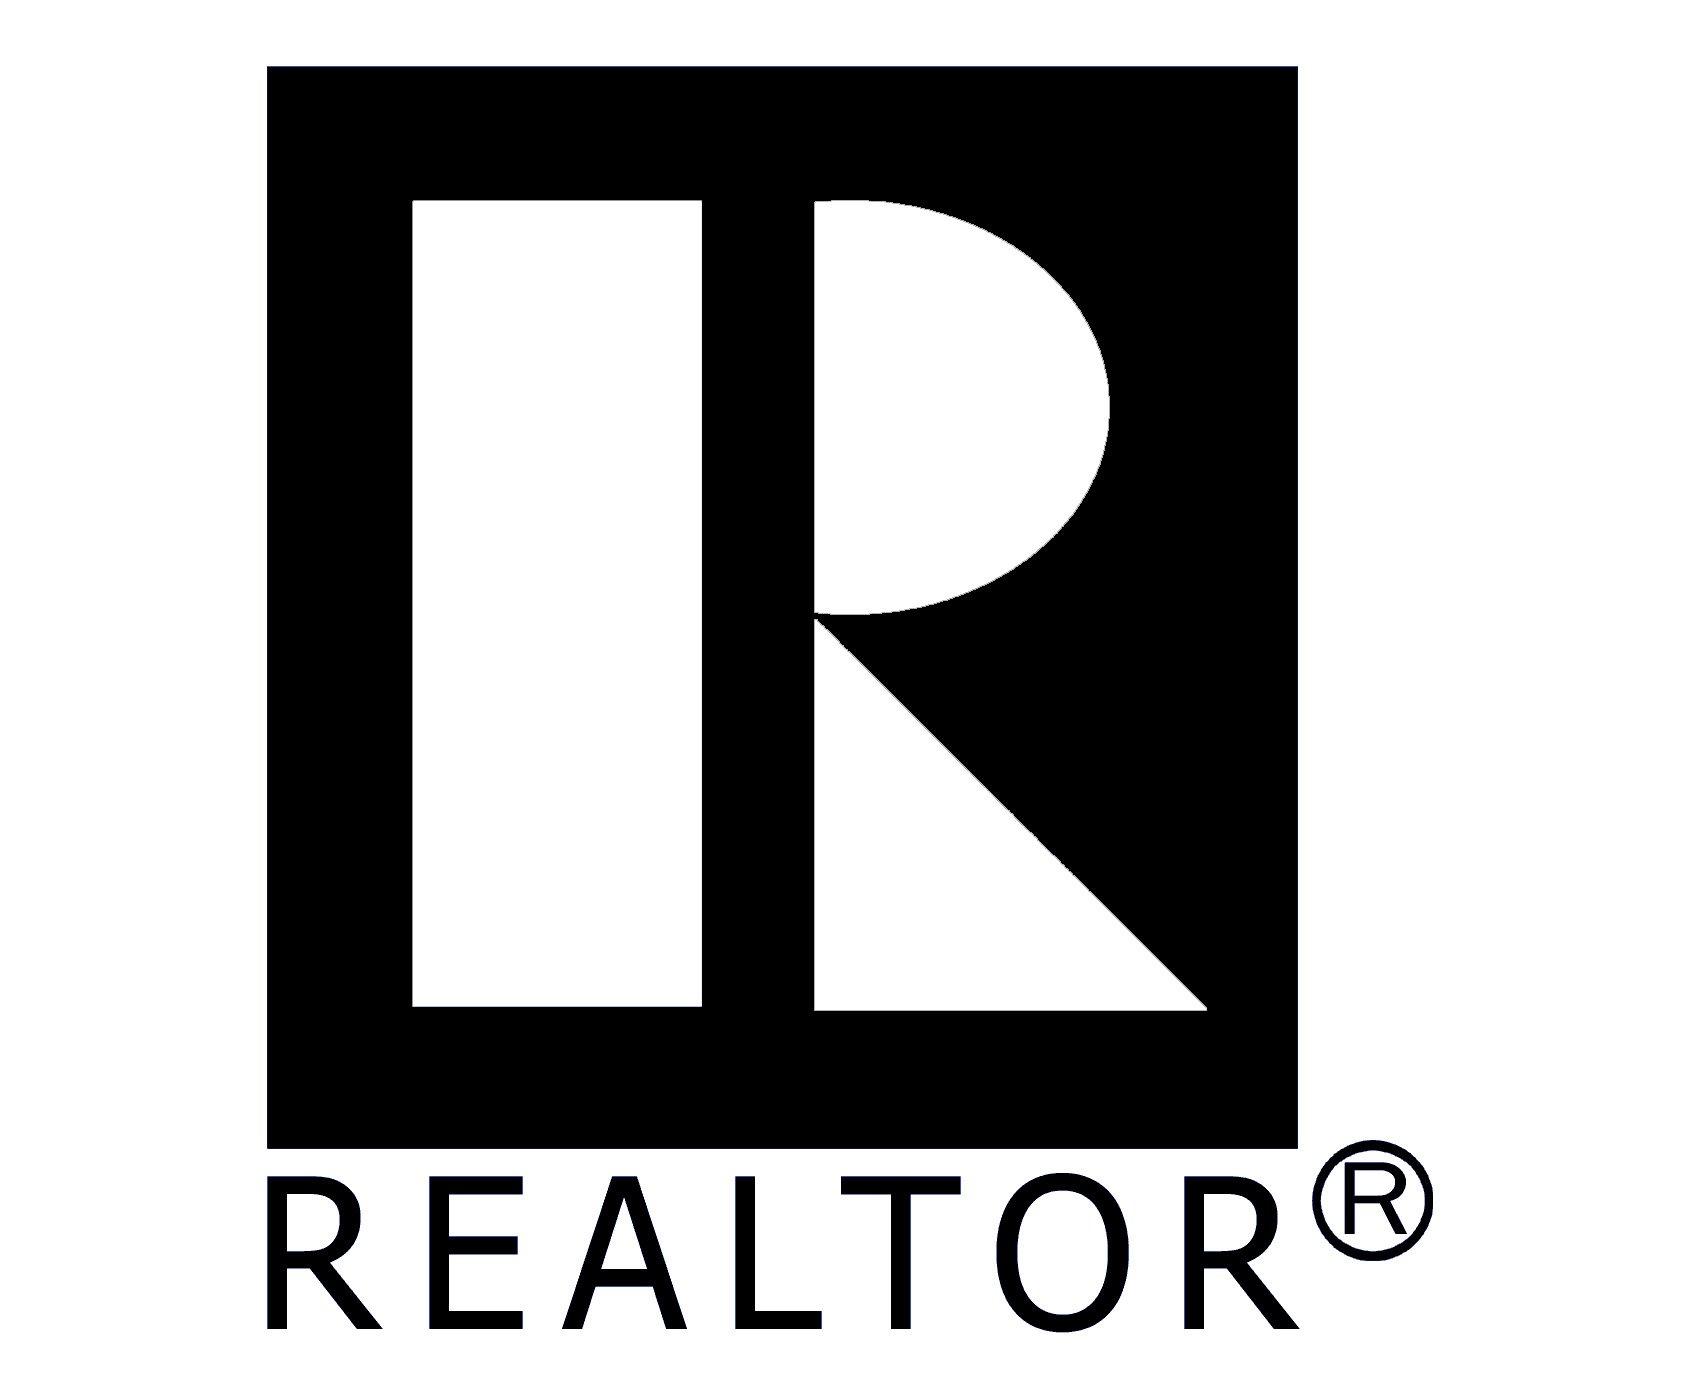 Mls realtor logo mls realtor symbol meaning history and evolution mls realtor service mark emblem biocorpaavc Images